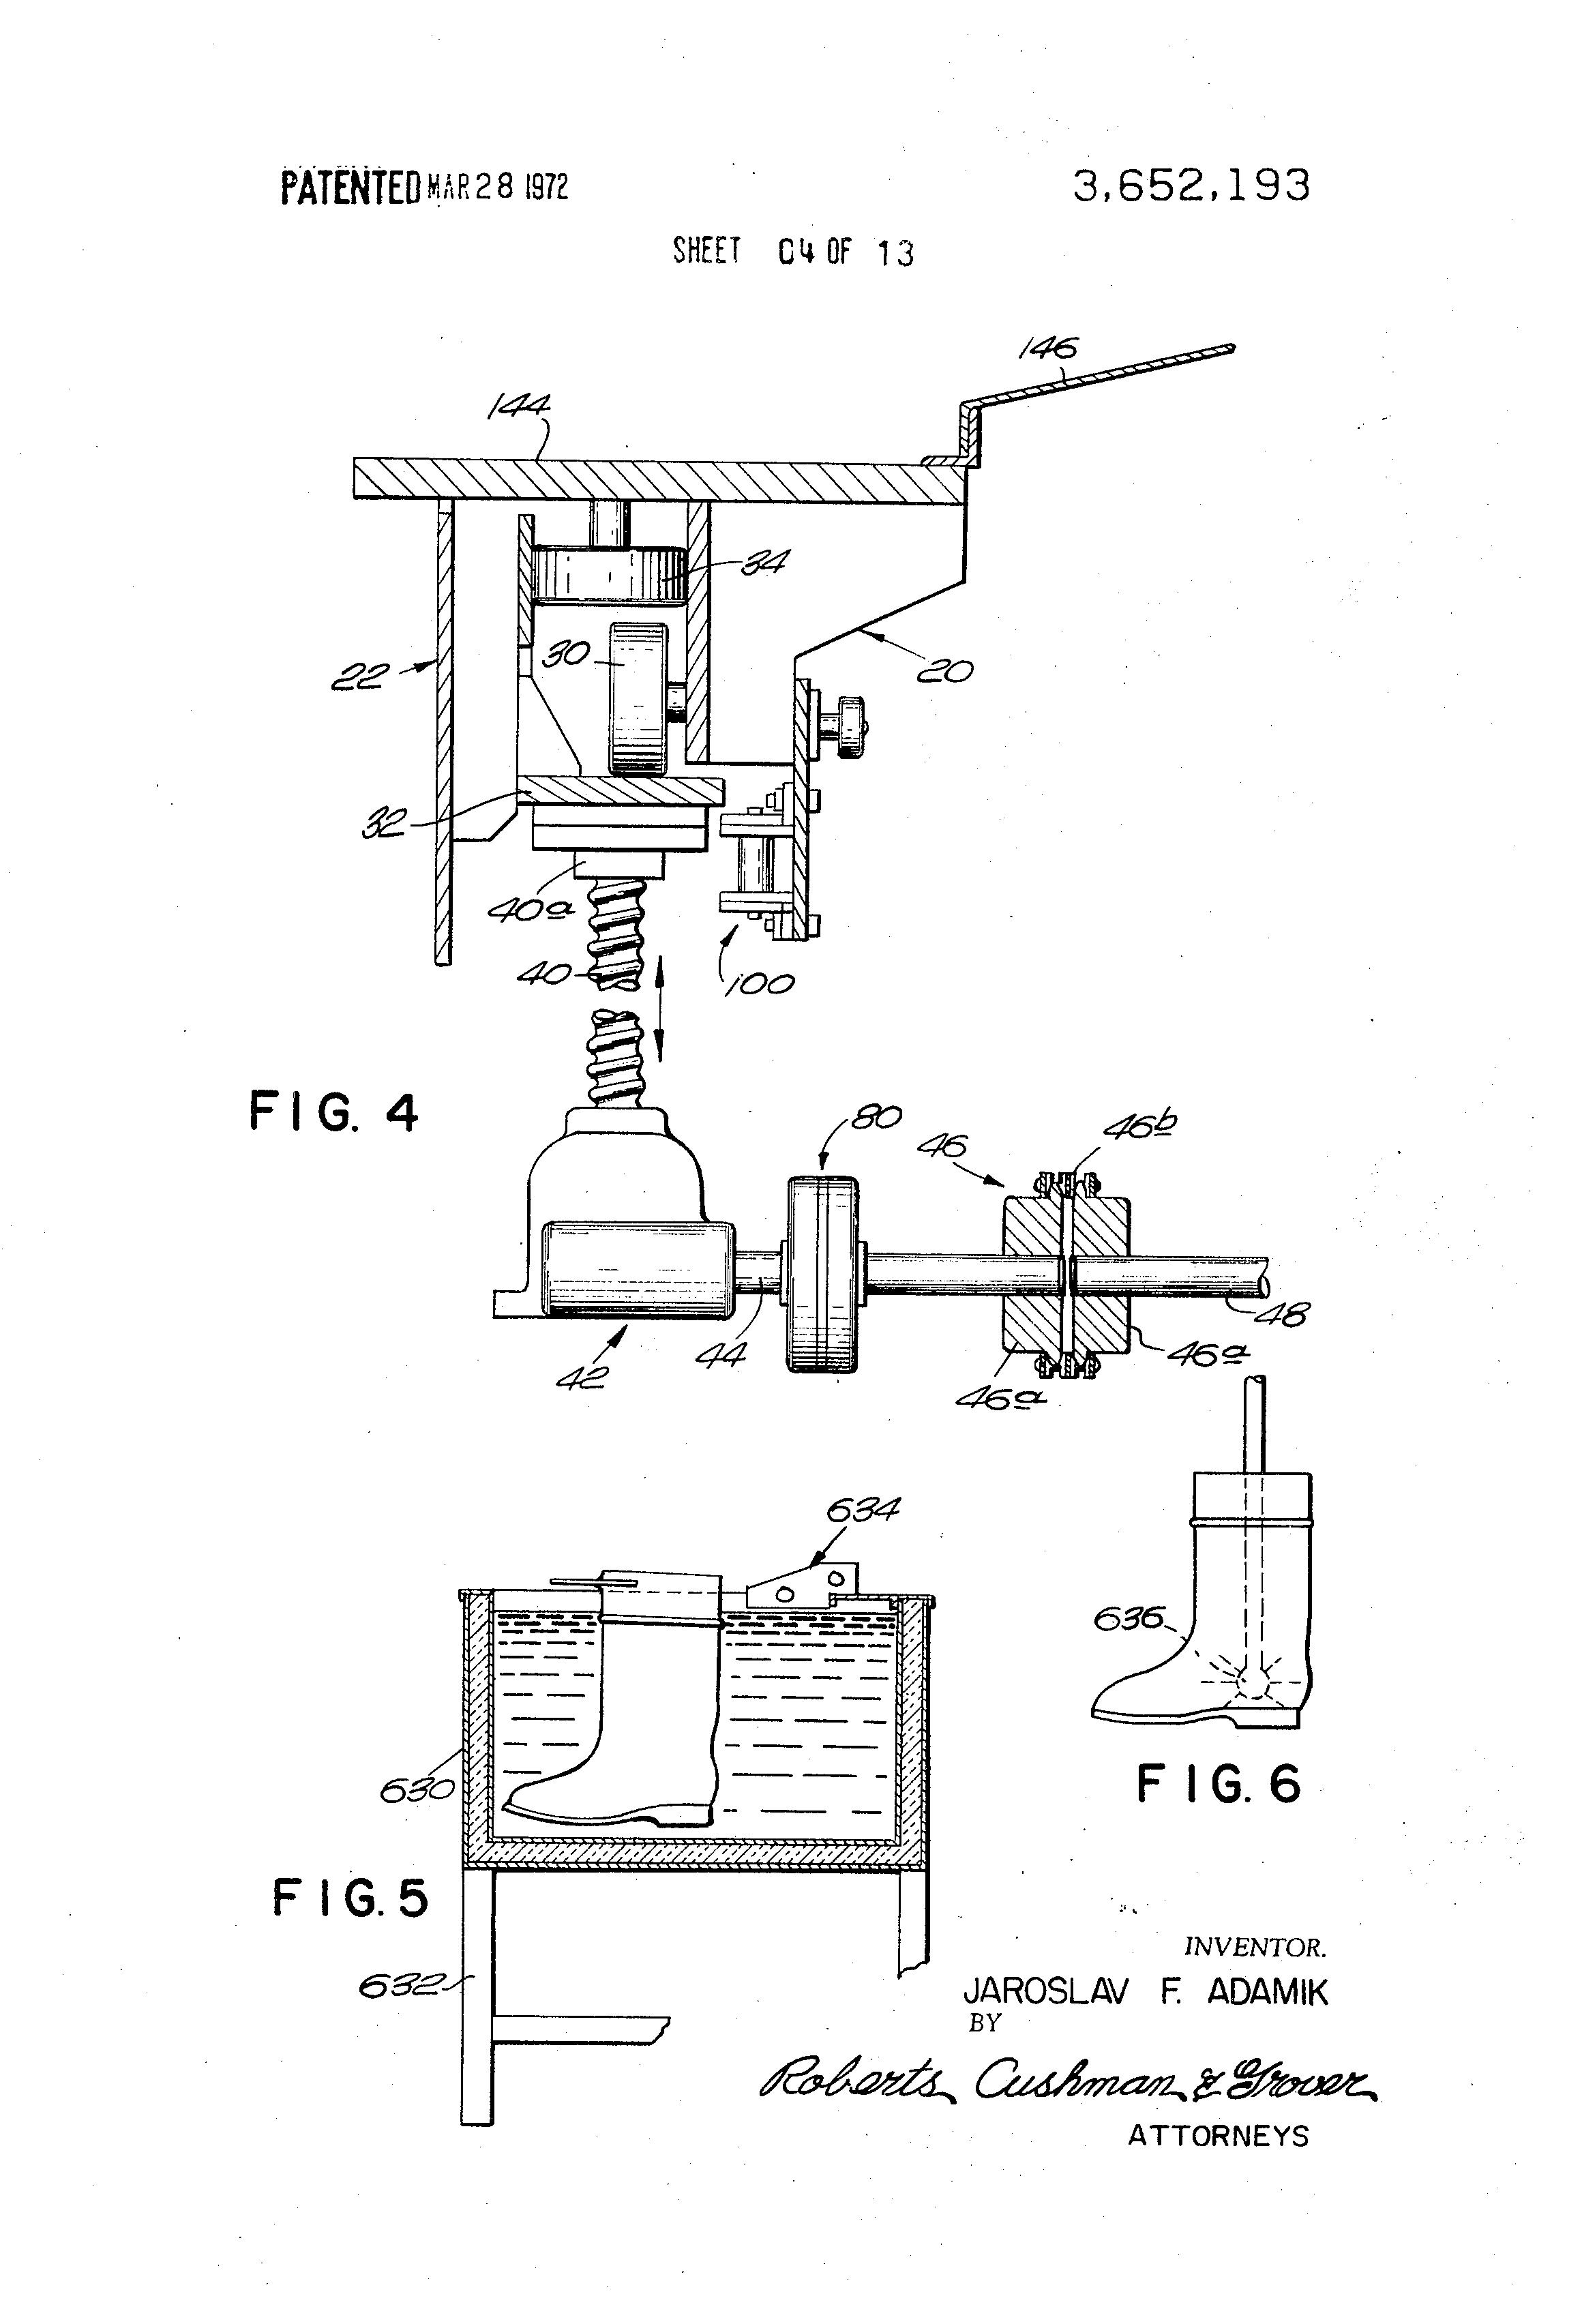 slush molding machine